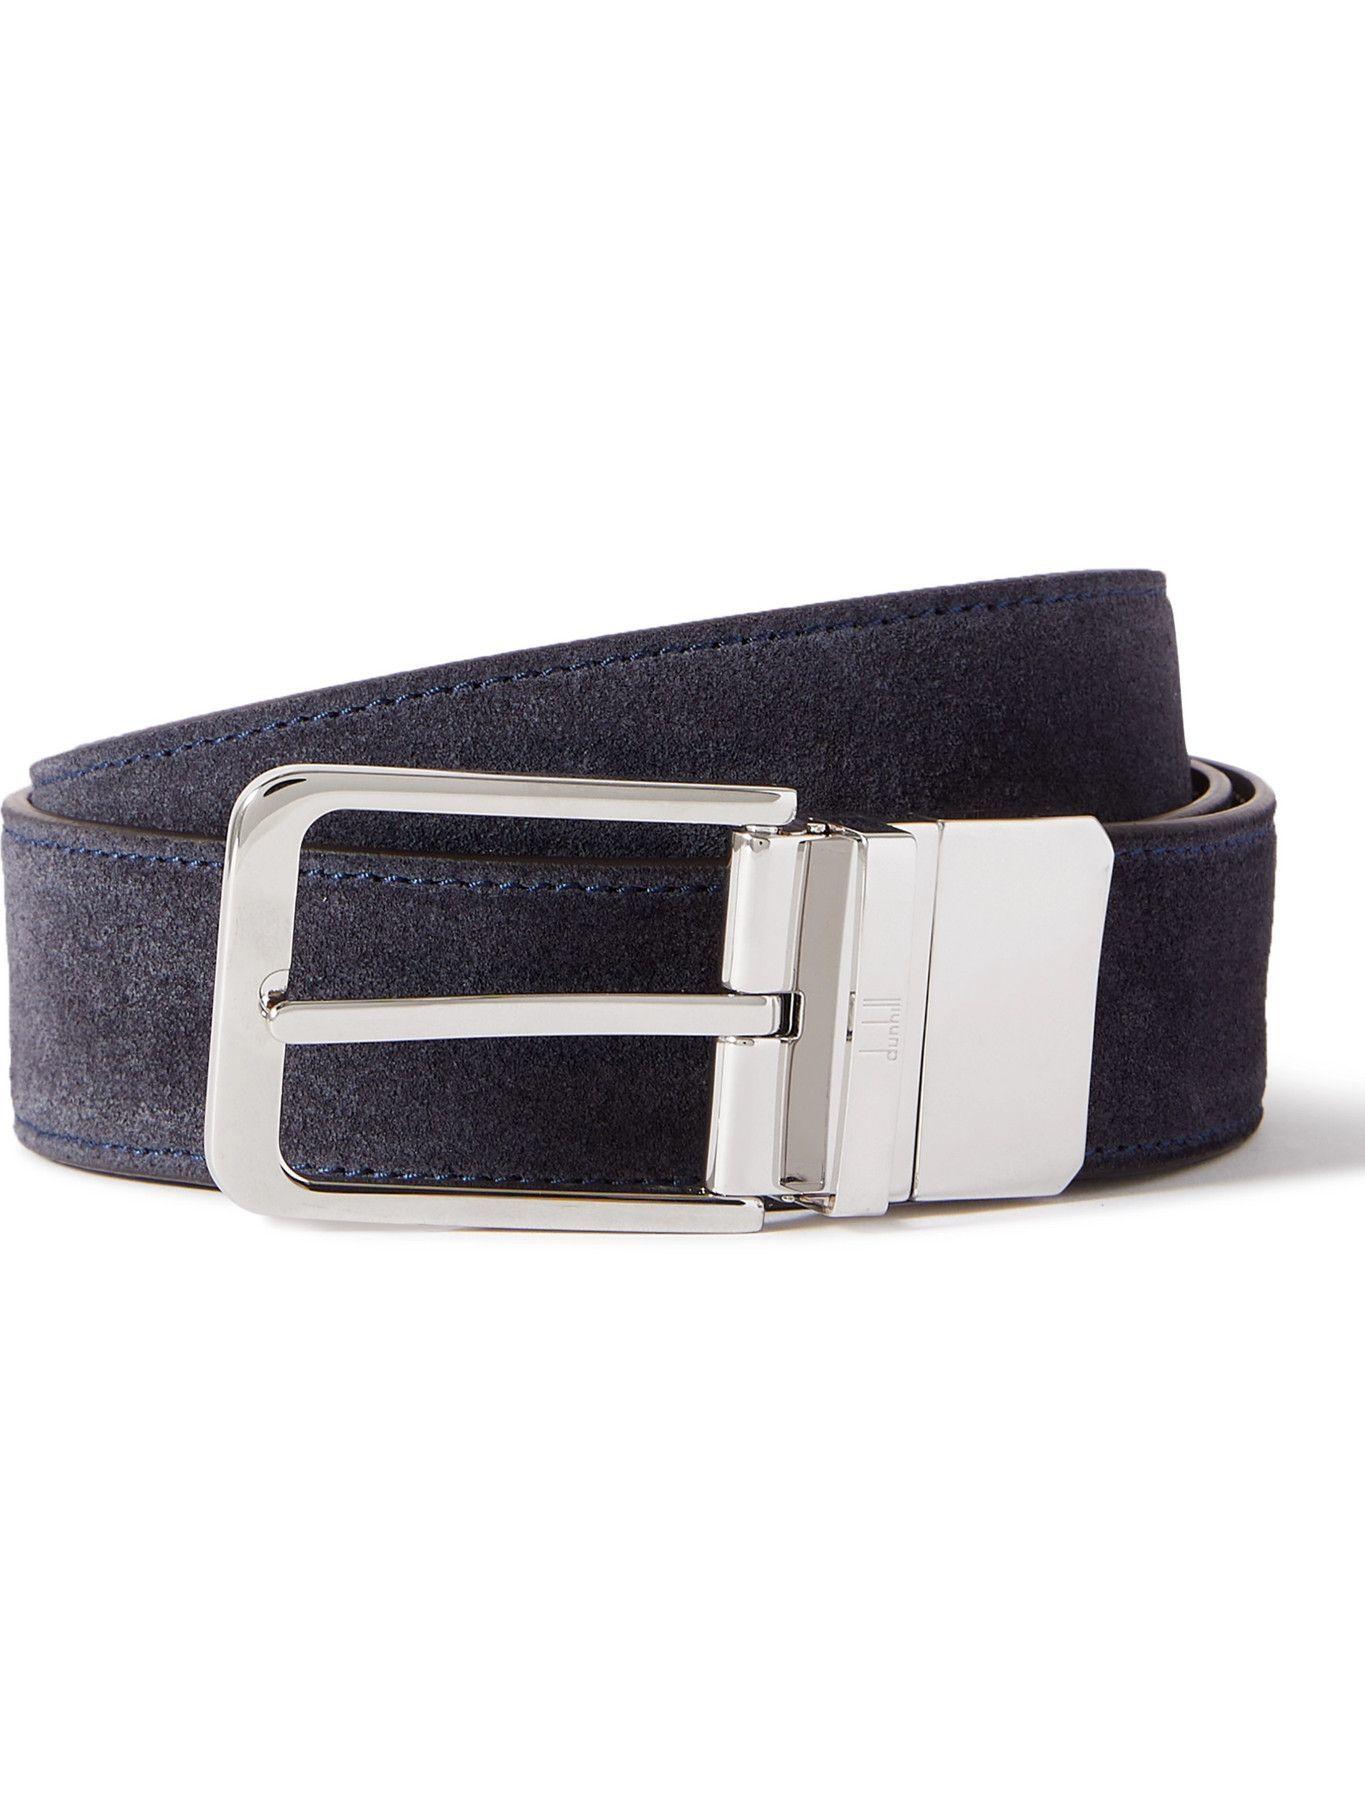 DUNHILL - 3.5cm Suede Belt - Blue